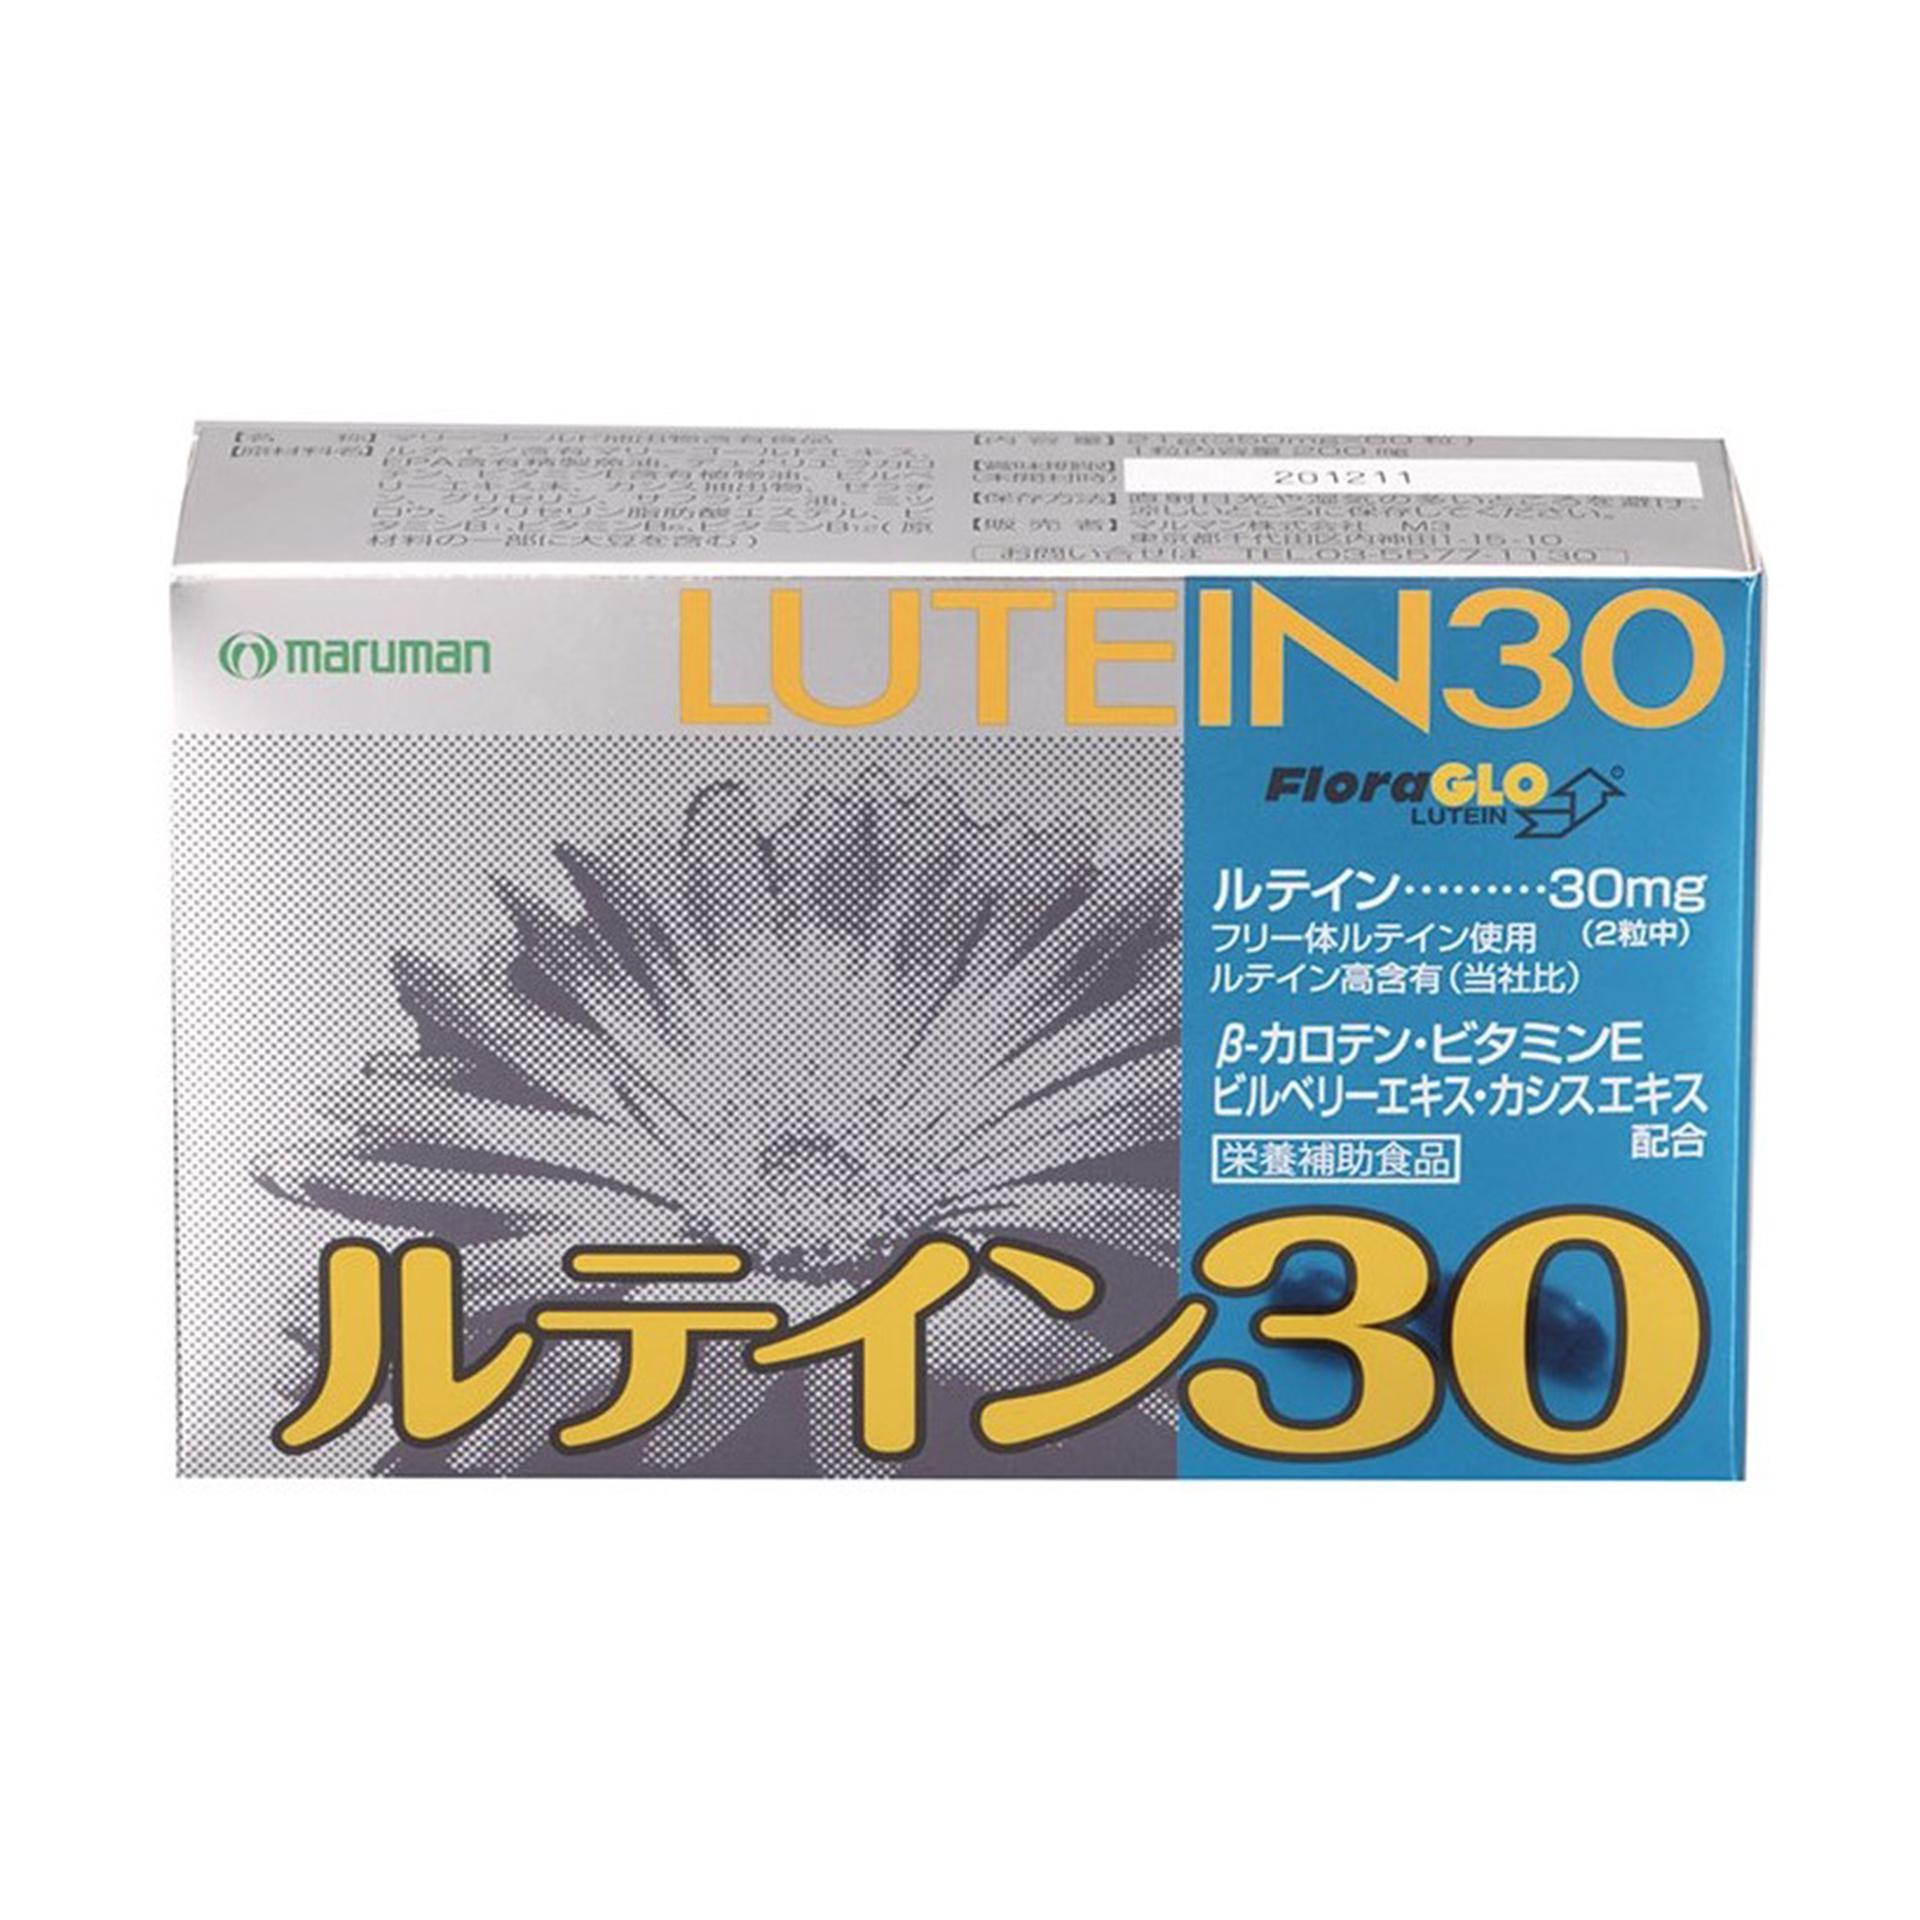 【ルテイン30】 ルテイン30㎎配合